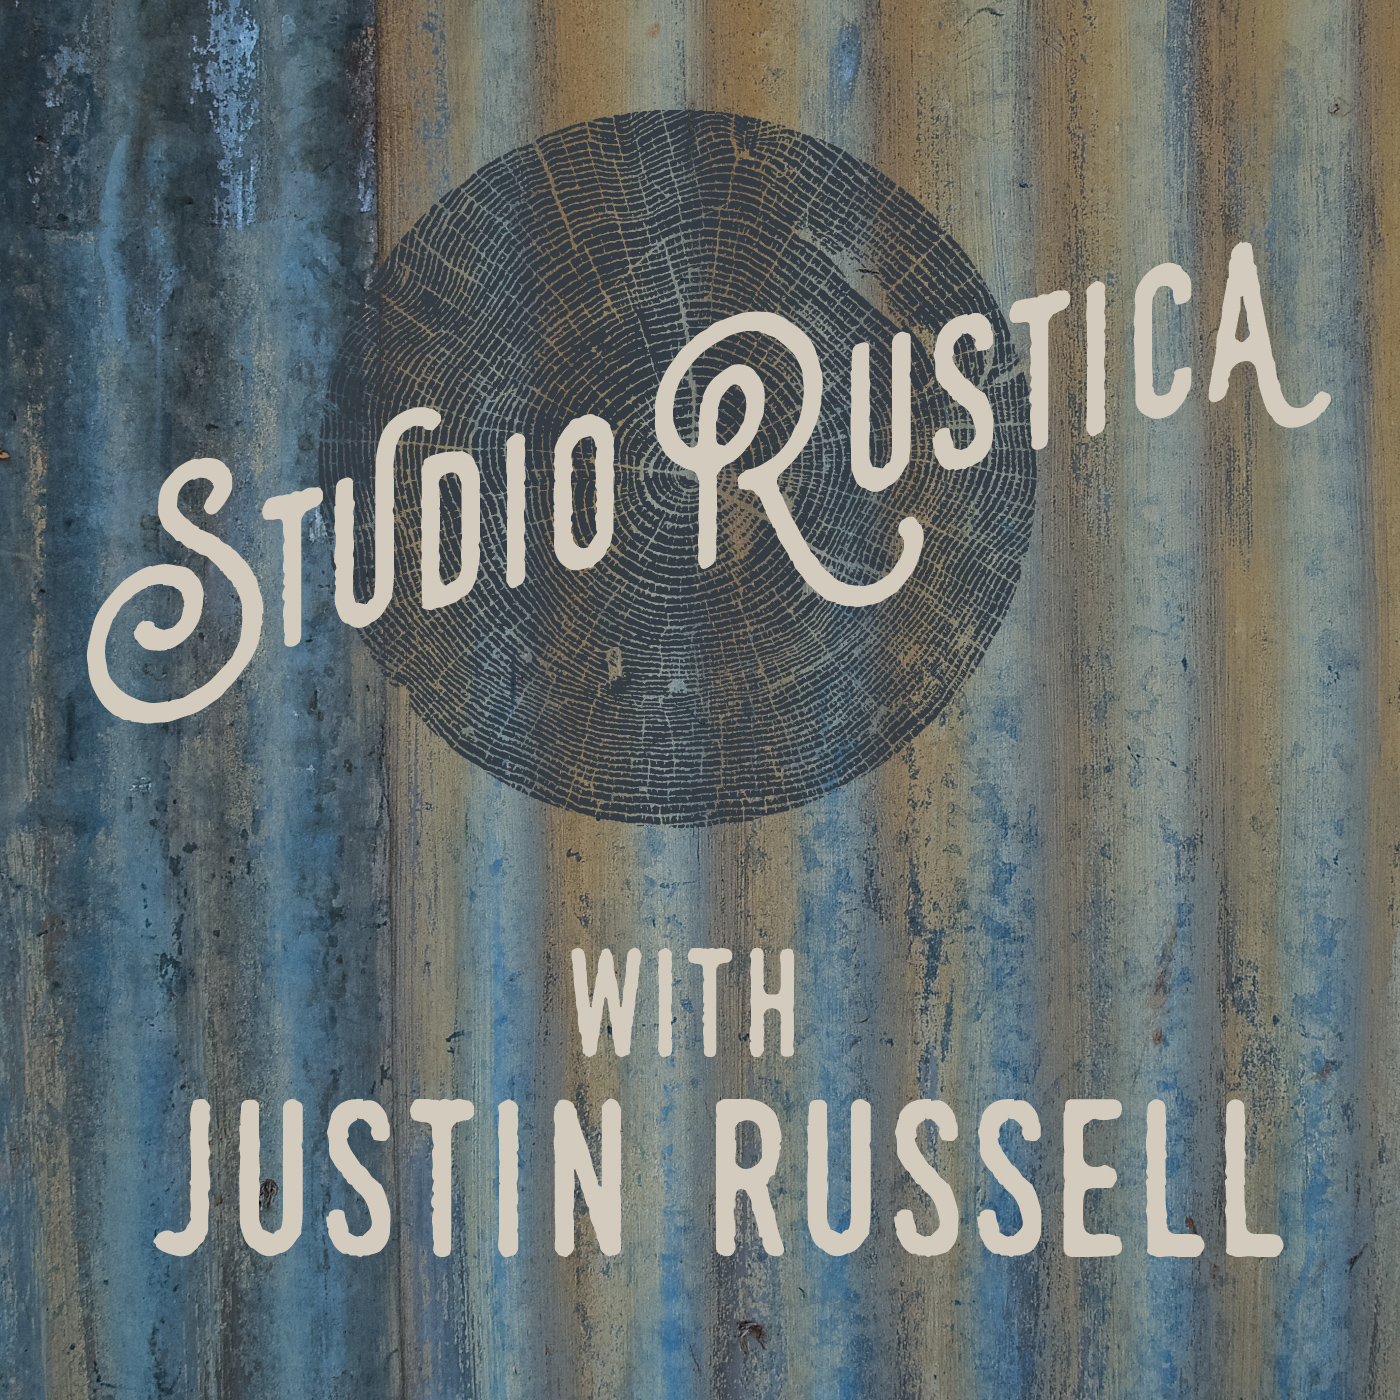 Studio Rustica